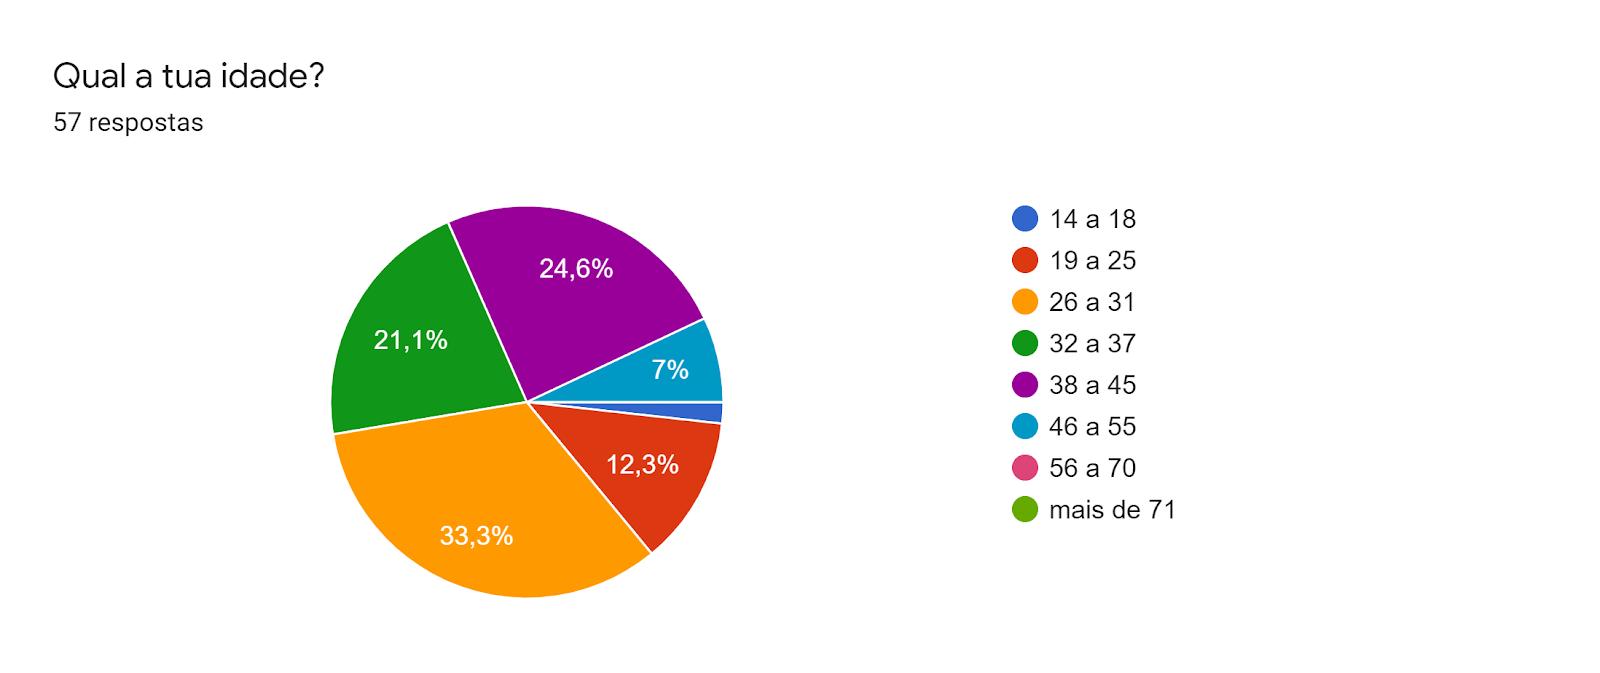 Gráfico de respostas do Formulários. Título da pergunta: Qual a tua idade?. Número de respostas: 57 respostas.